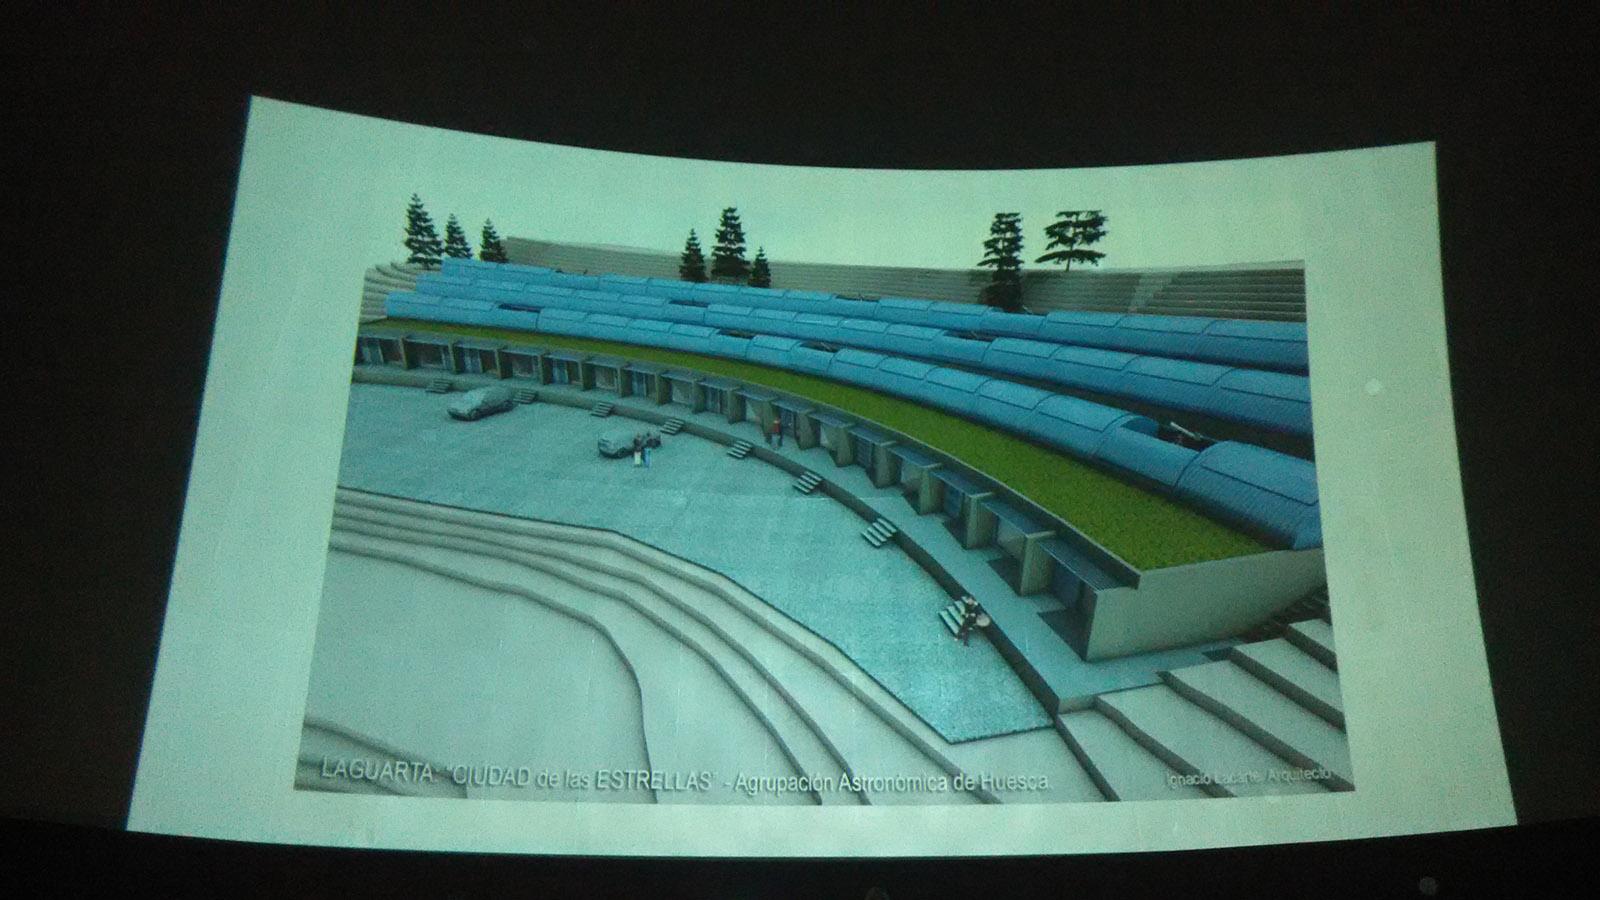 Simulación del complejo de la 'Ciudad de las Estrellas' de Laguarta.